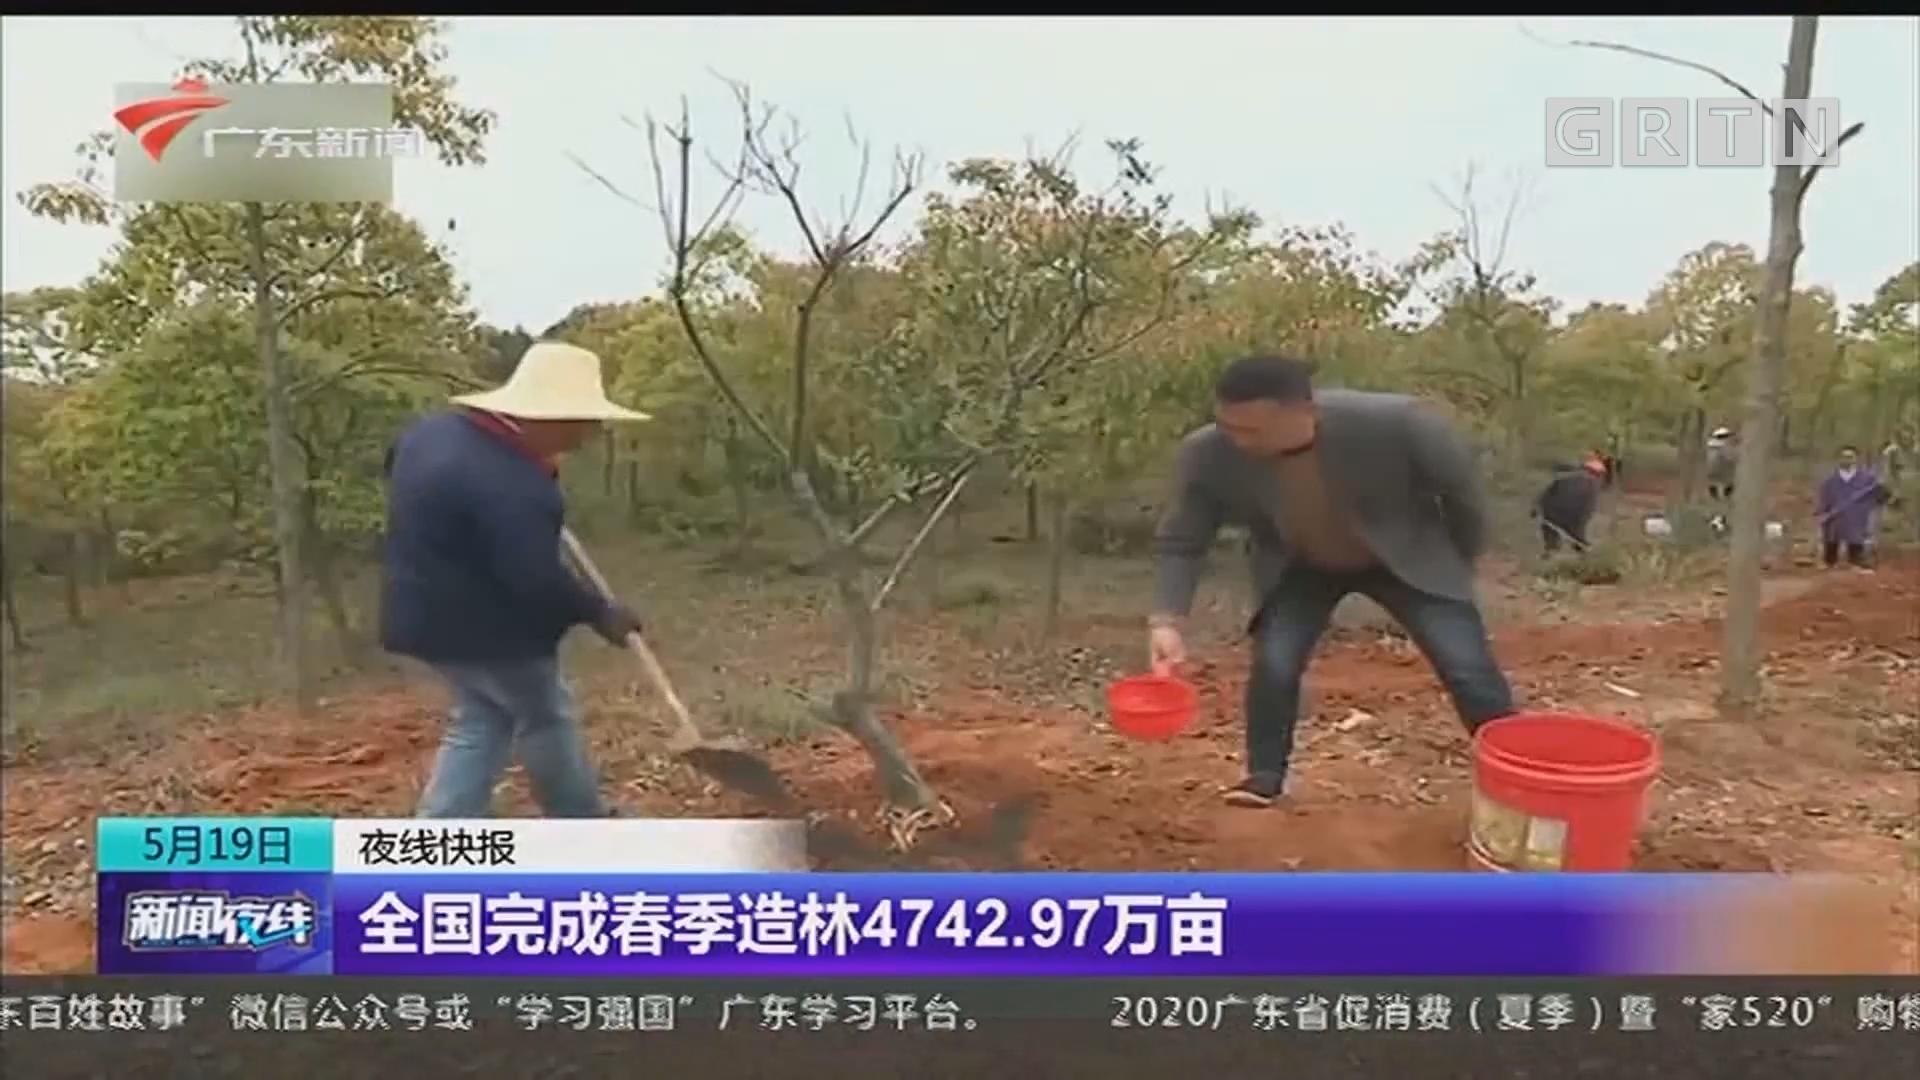 全国完成春季造林4742.97万亩